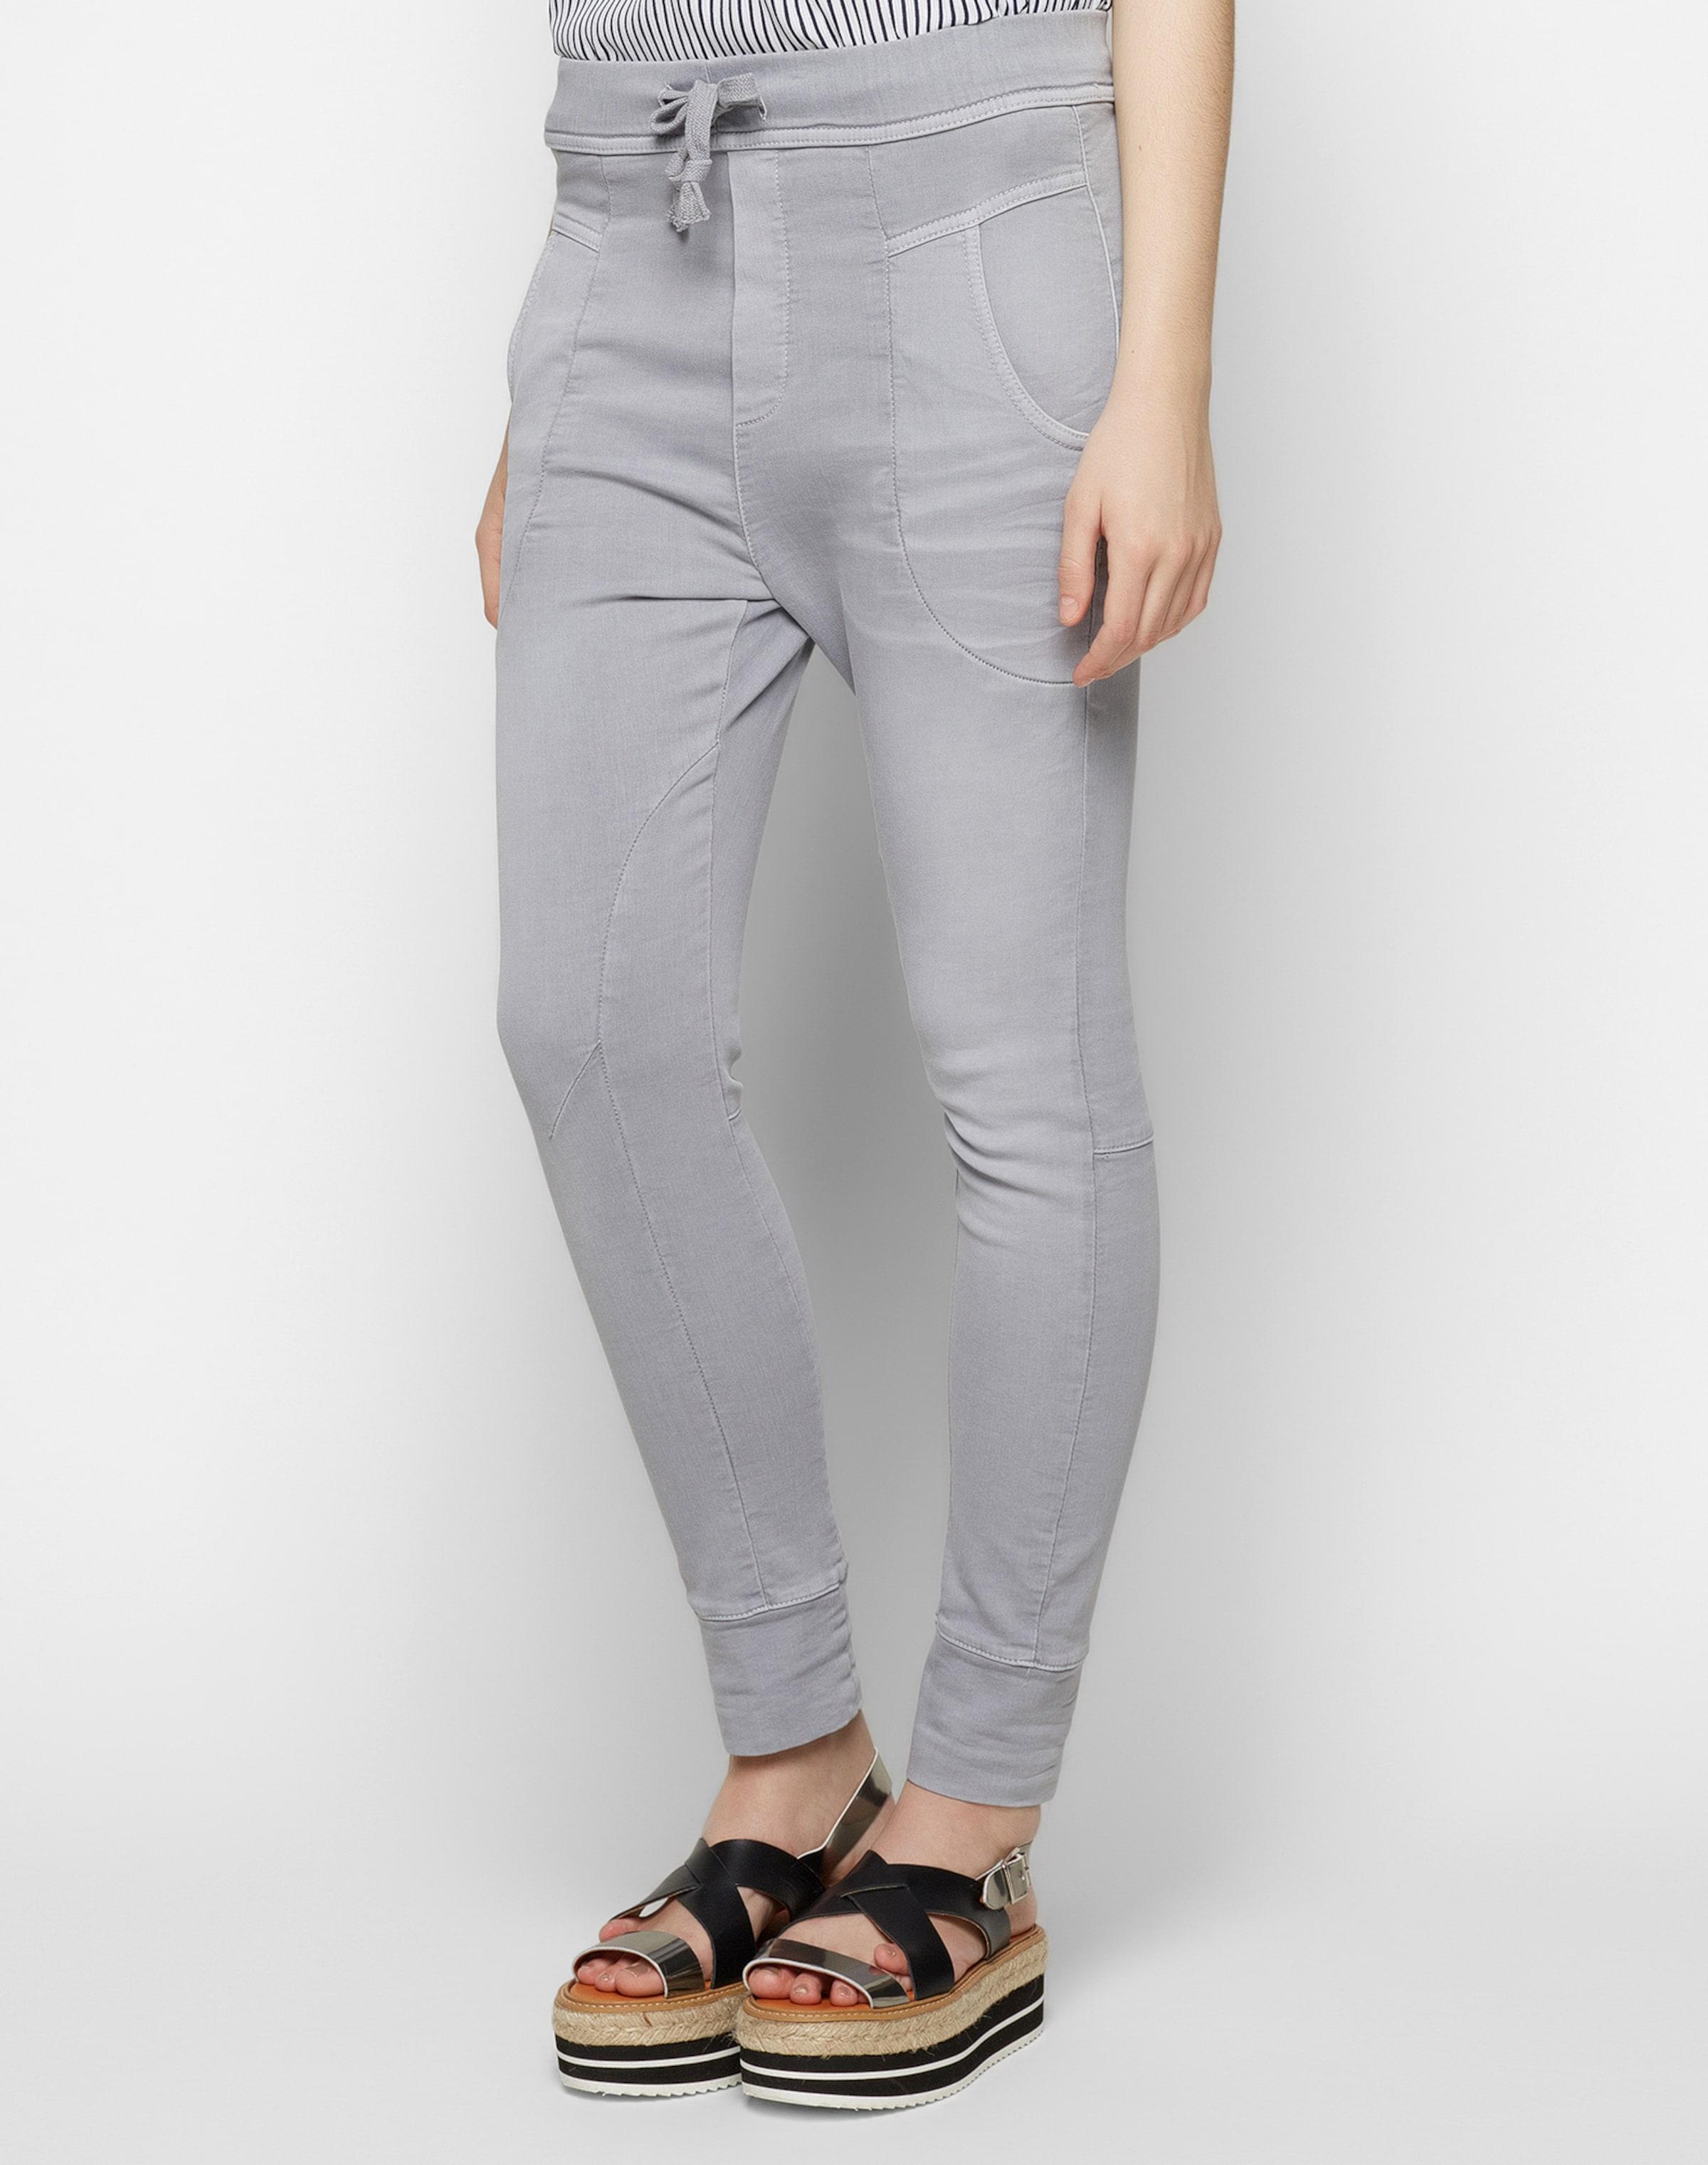 Webseiten Günstig Online PLEASE Boyfriend Hose in Jeans-optik Top-Qualität Günstiger Preis hzvE6K